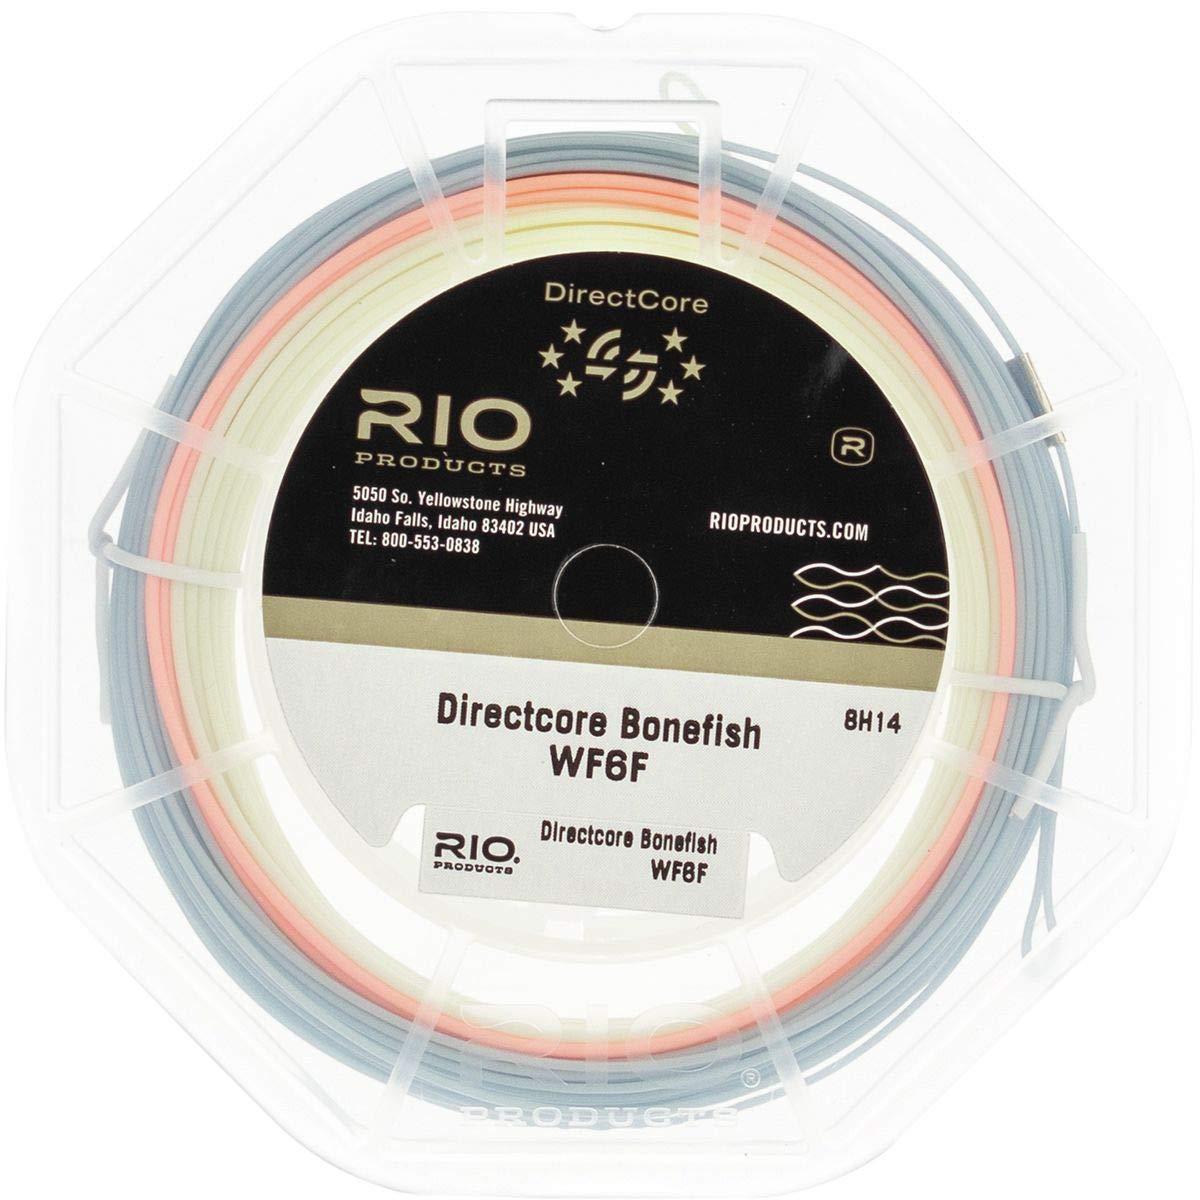 愛用 Rio DirectCore WF8F Bonefish B07J1BCW18 Sand DirectCore/Orange/Blue Rio WF8F, アカシシ:7df396ab --- a0267596.xsph.ru